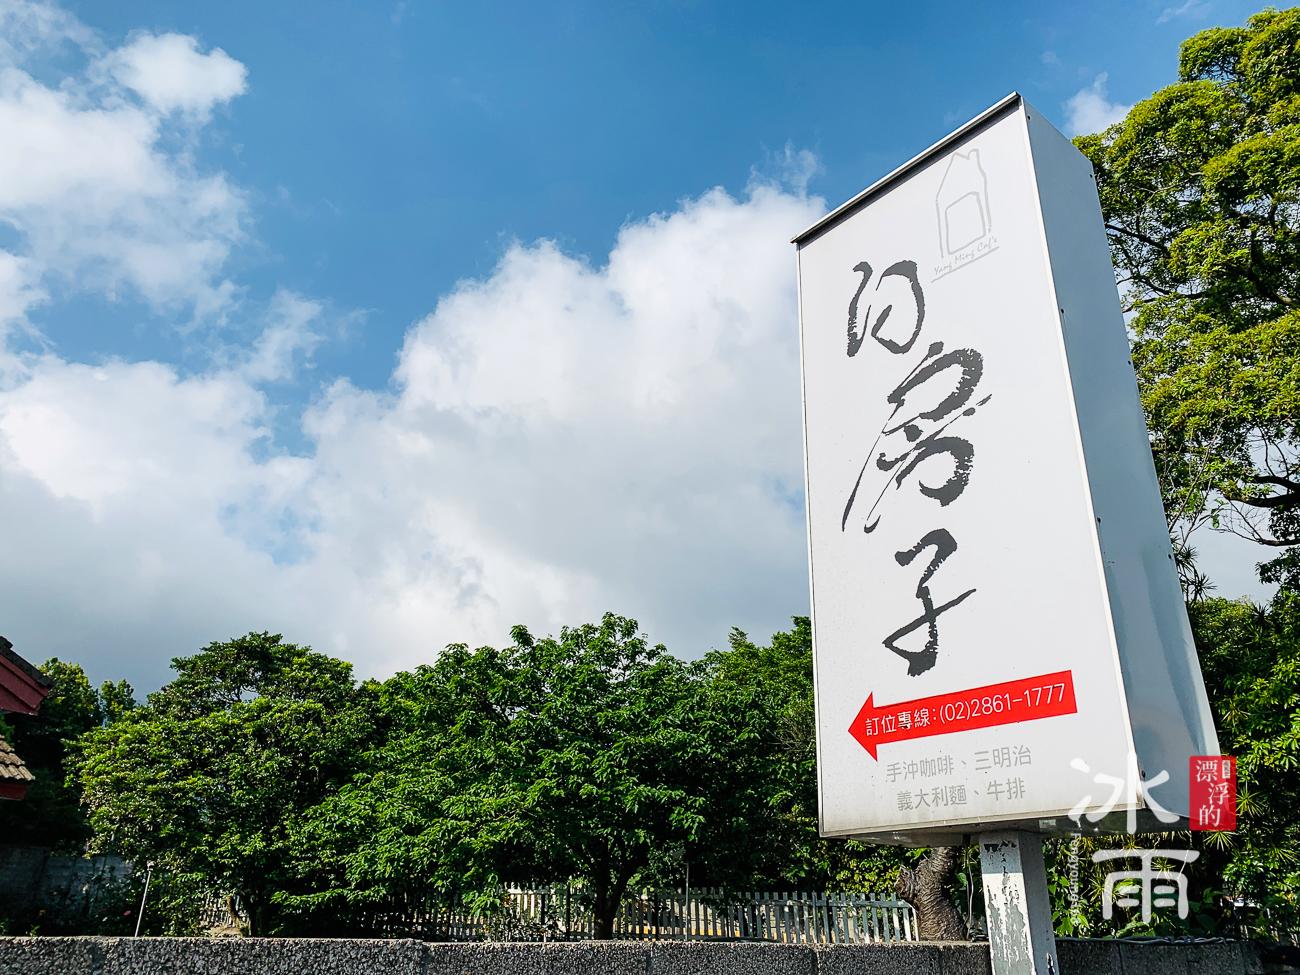 【白房子】2020陽明山餐廳推薦第1名|陽明山美食|草山小鎮美軍宿舍|最新菜單|食記